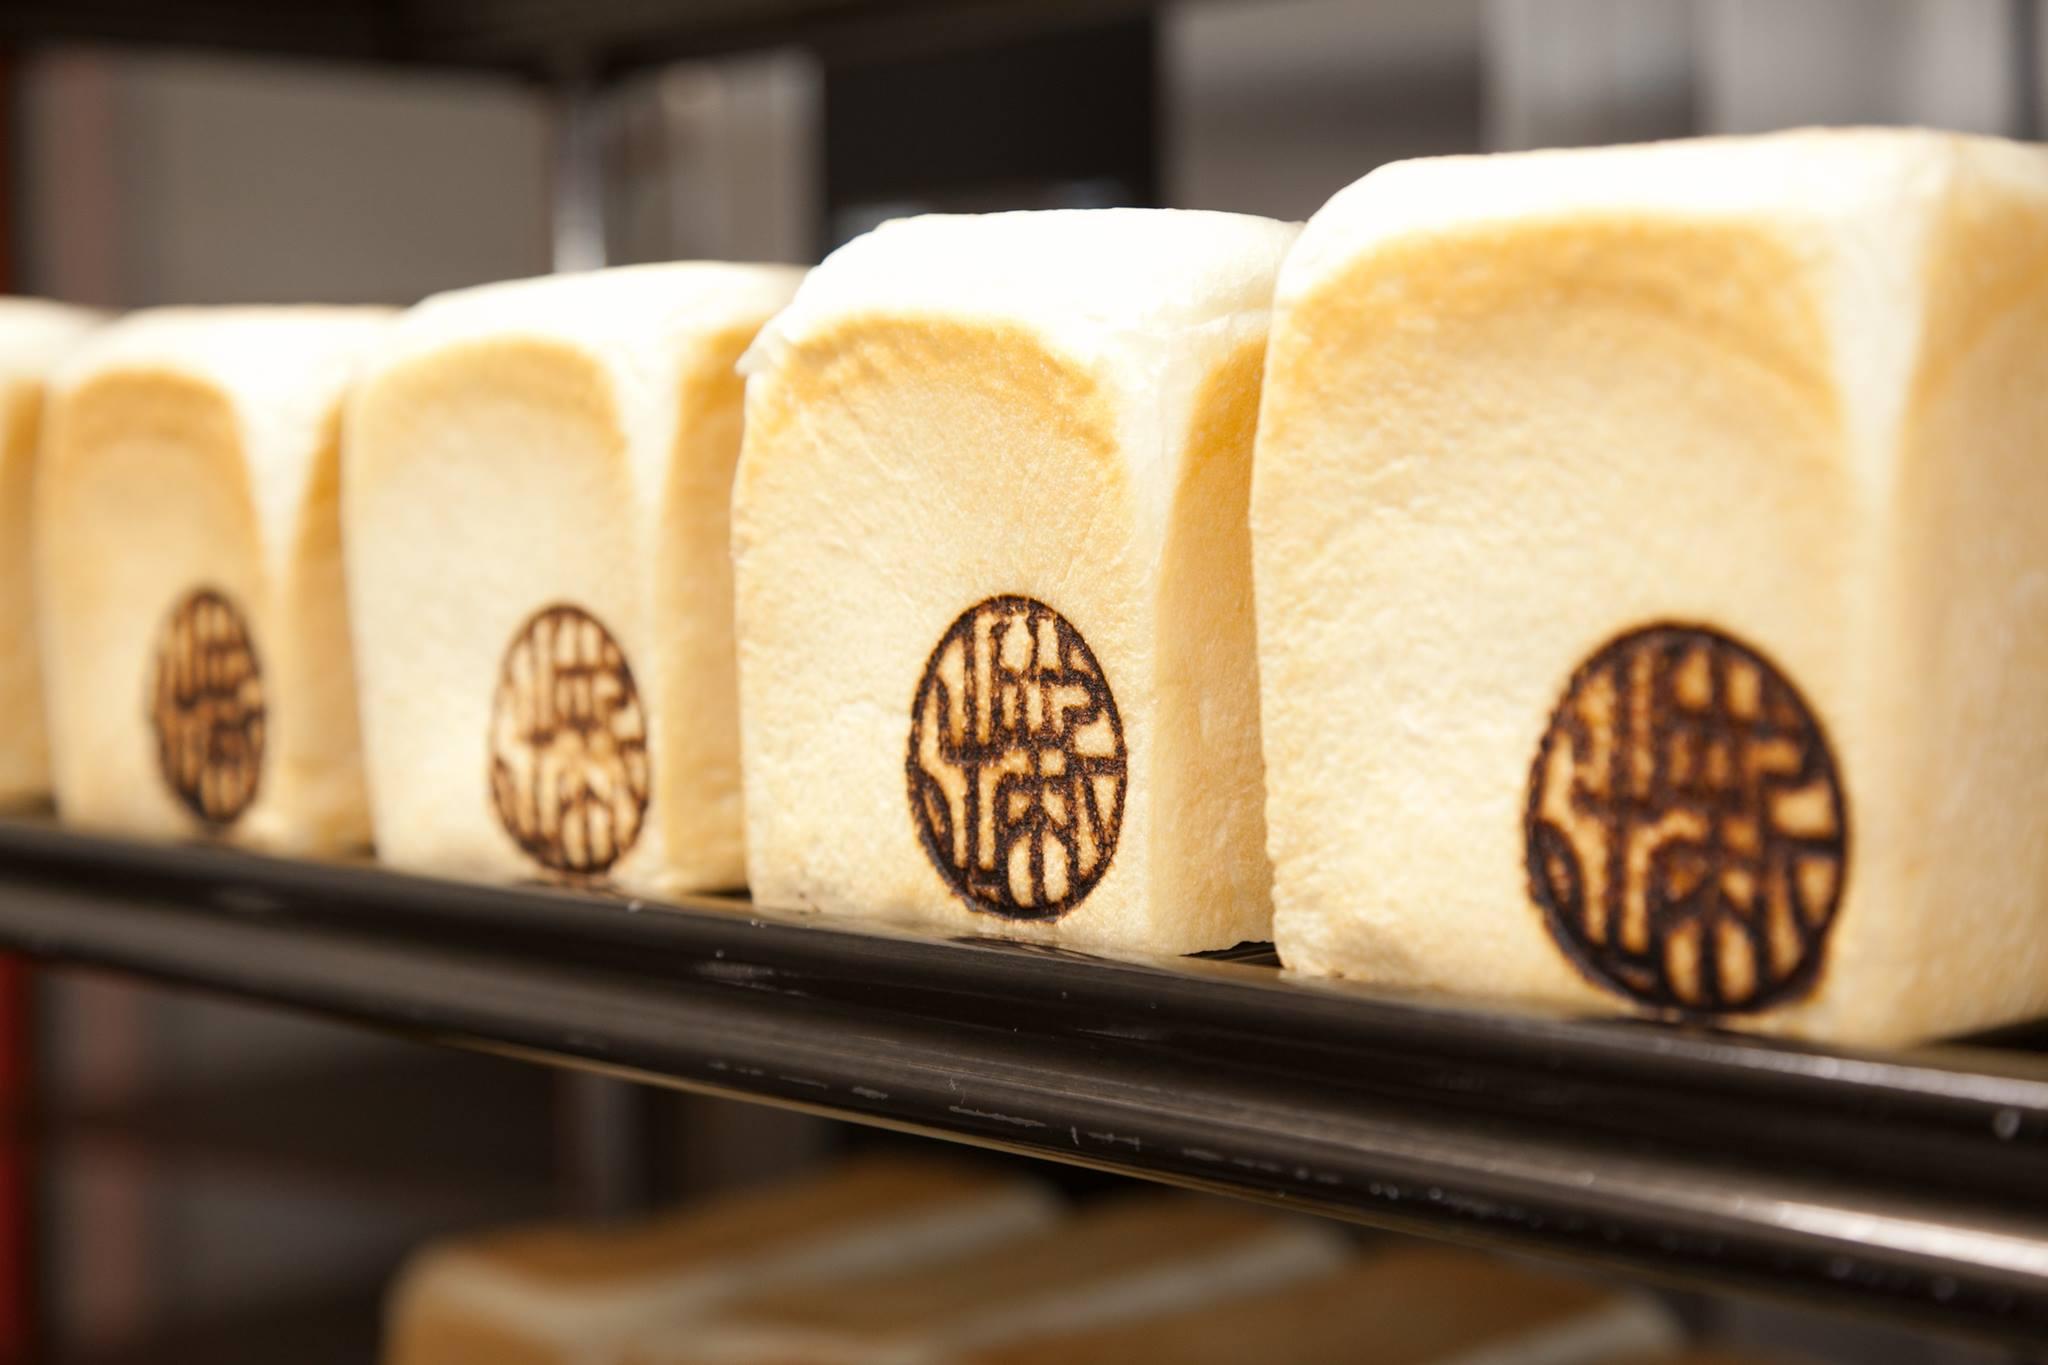 新出製パン所の通販!加賀極の情報は?行列で小関裕太のお勧め生食パン